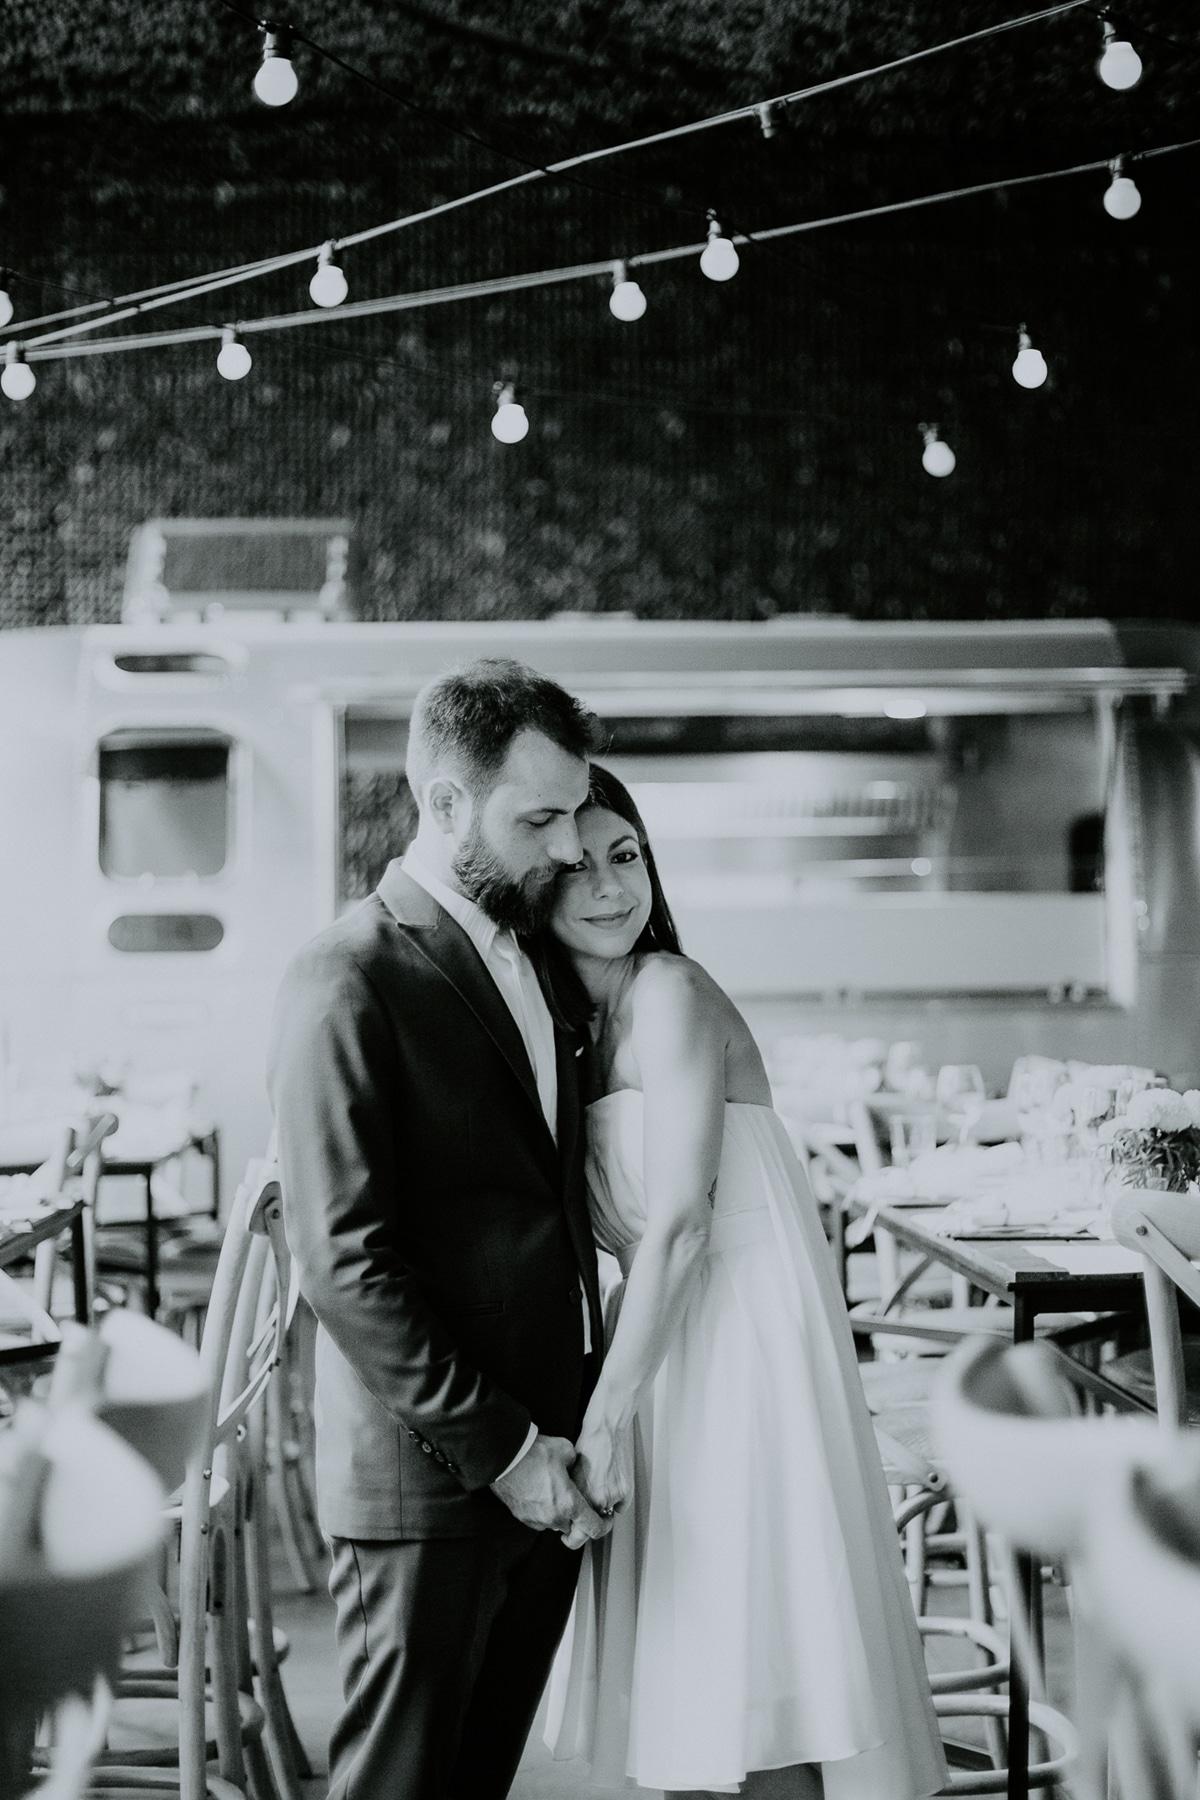 Ασπρόμαυρο πορτραίτο νύφης και γαμπρού